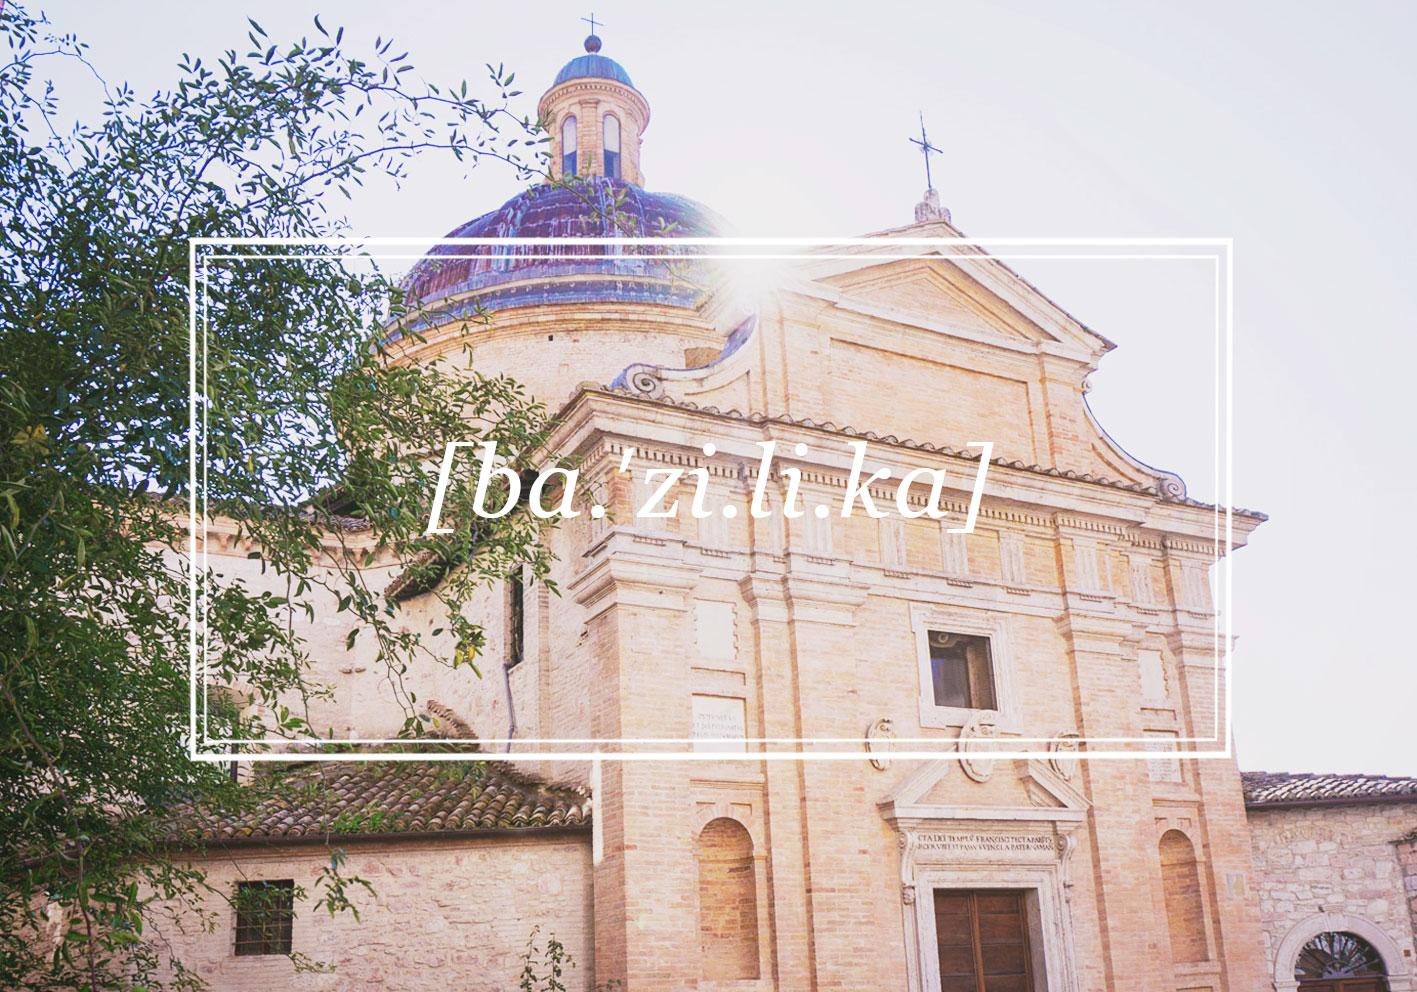 När pappa skulle köpa kyrka i Italien (och varför det är så bra att lära sig språk)